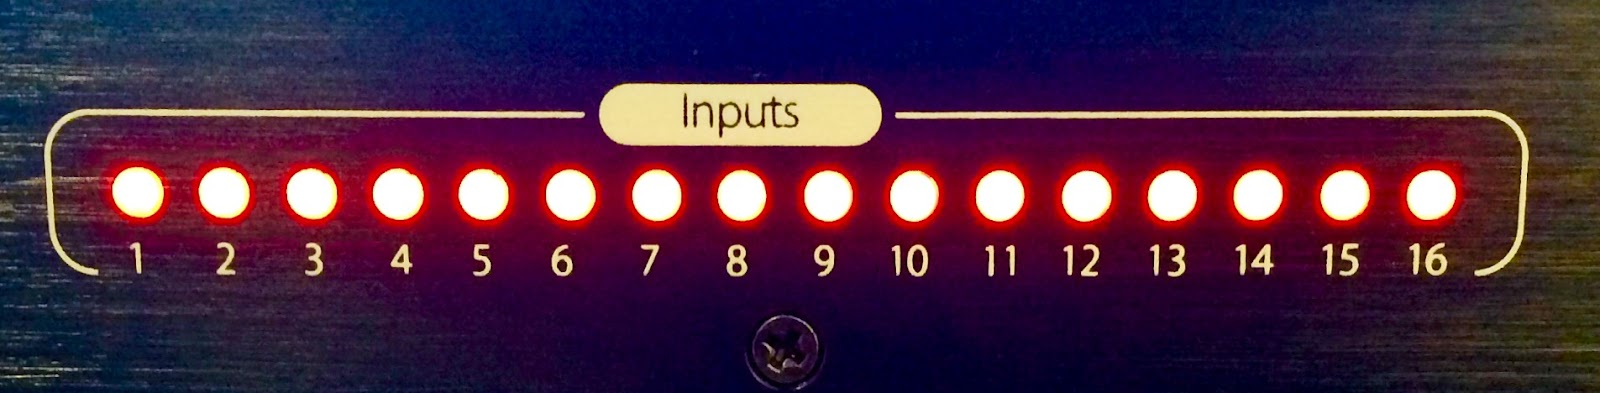 RM_Red_LEDs.jpg